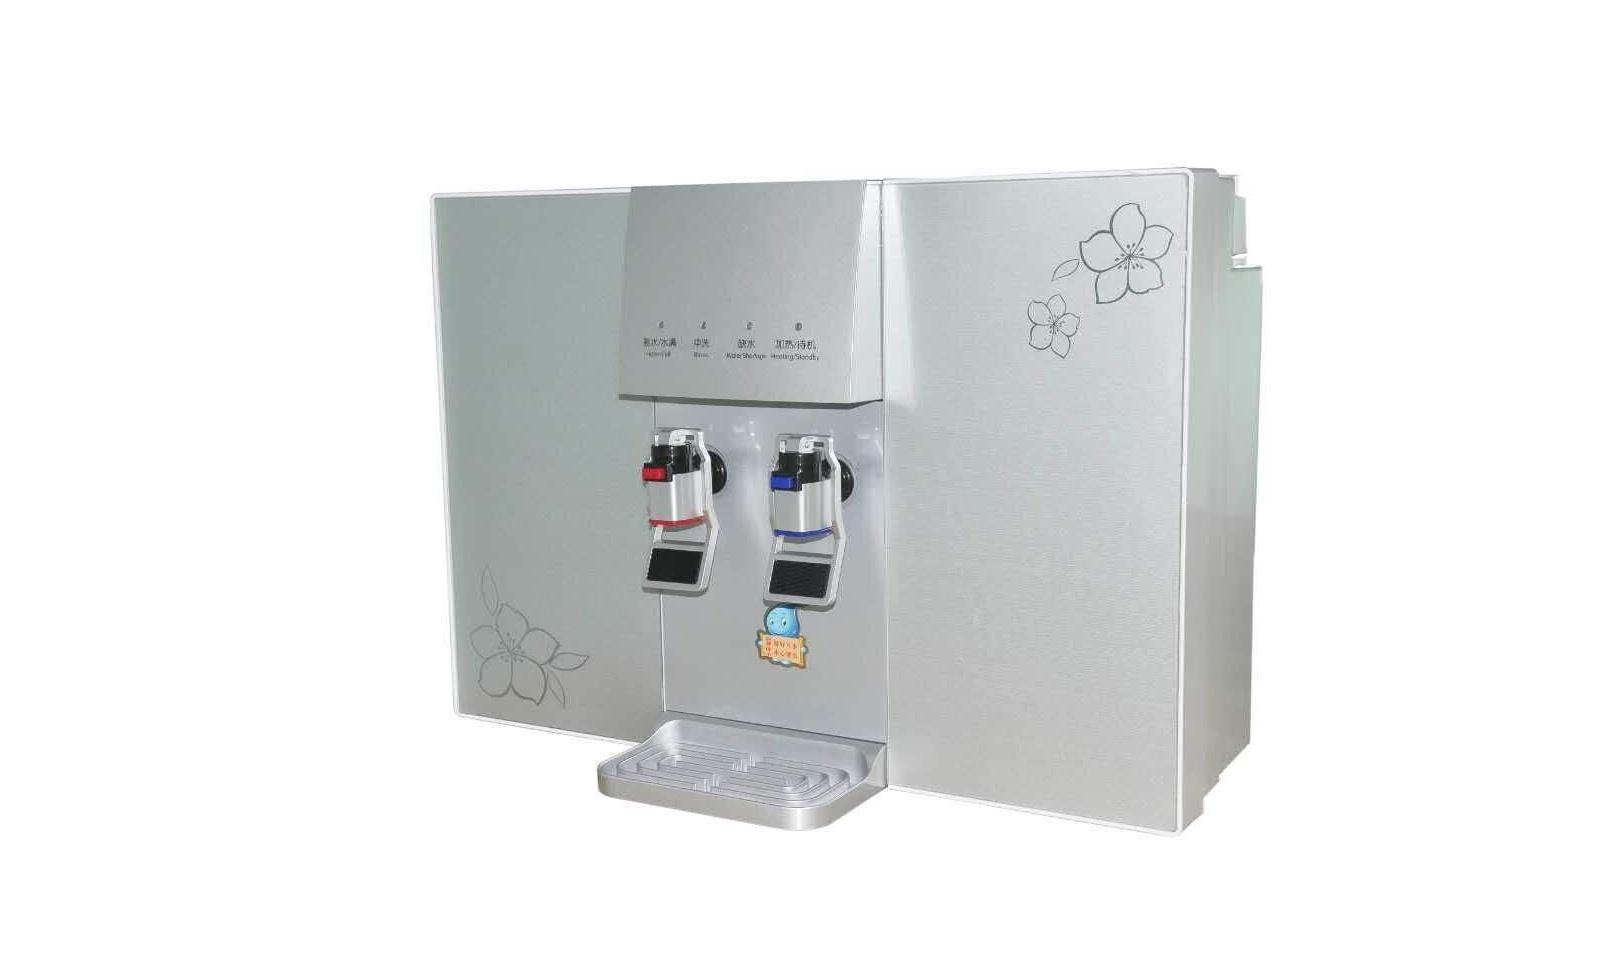 环境与健康相关产品安全所冷冻离心机等成交公告